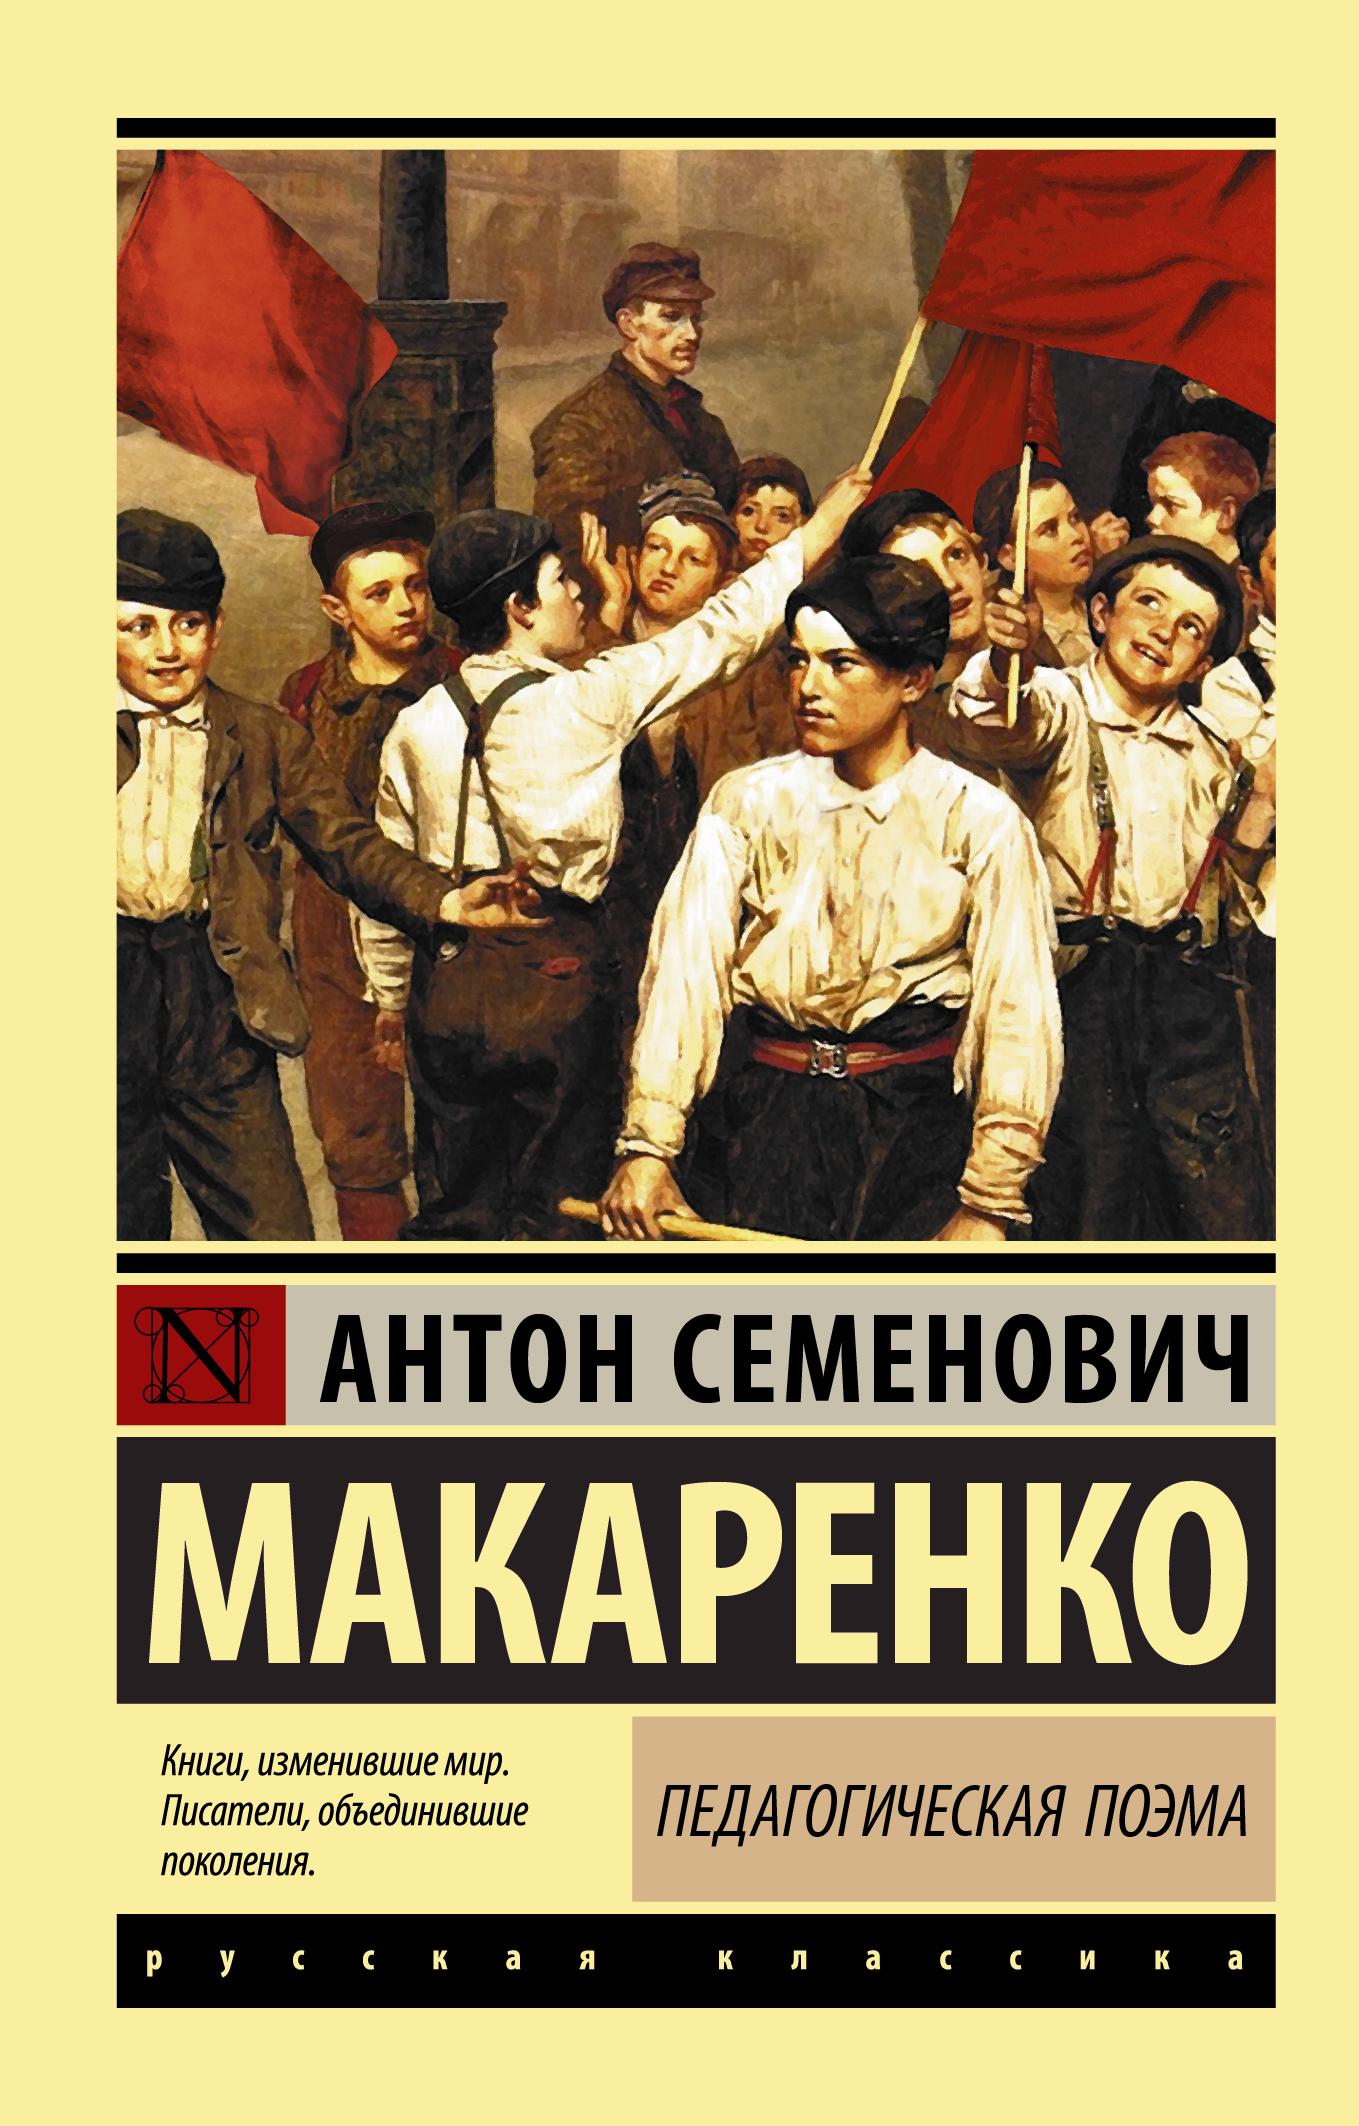 Антон Семенович Макаренко Педагогическая поэма